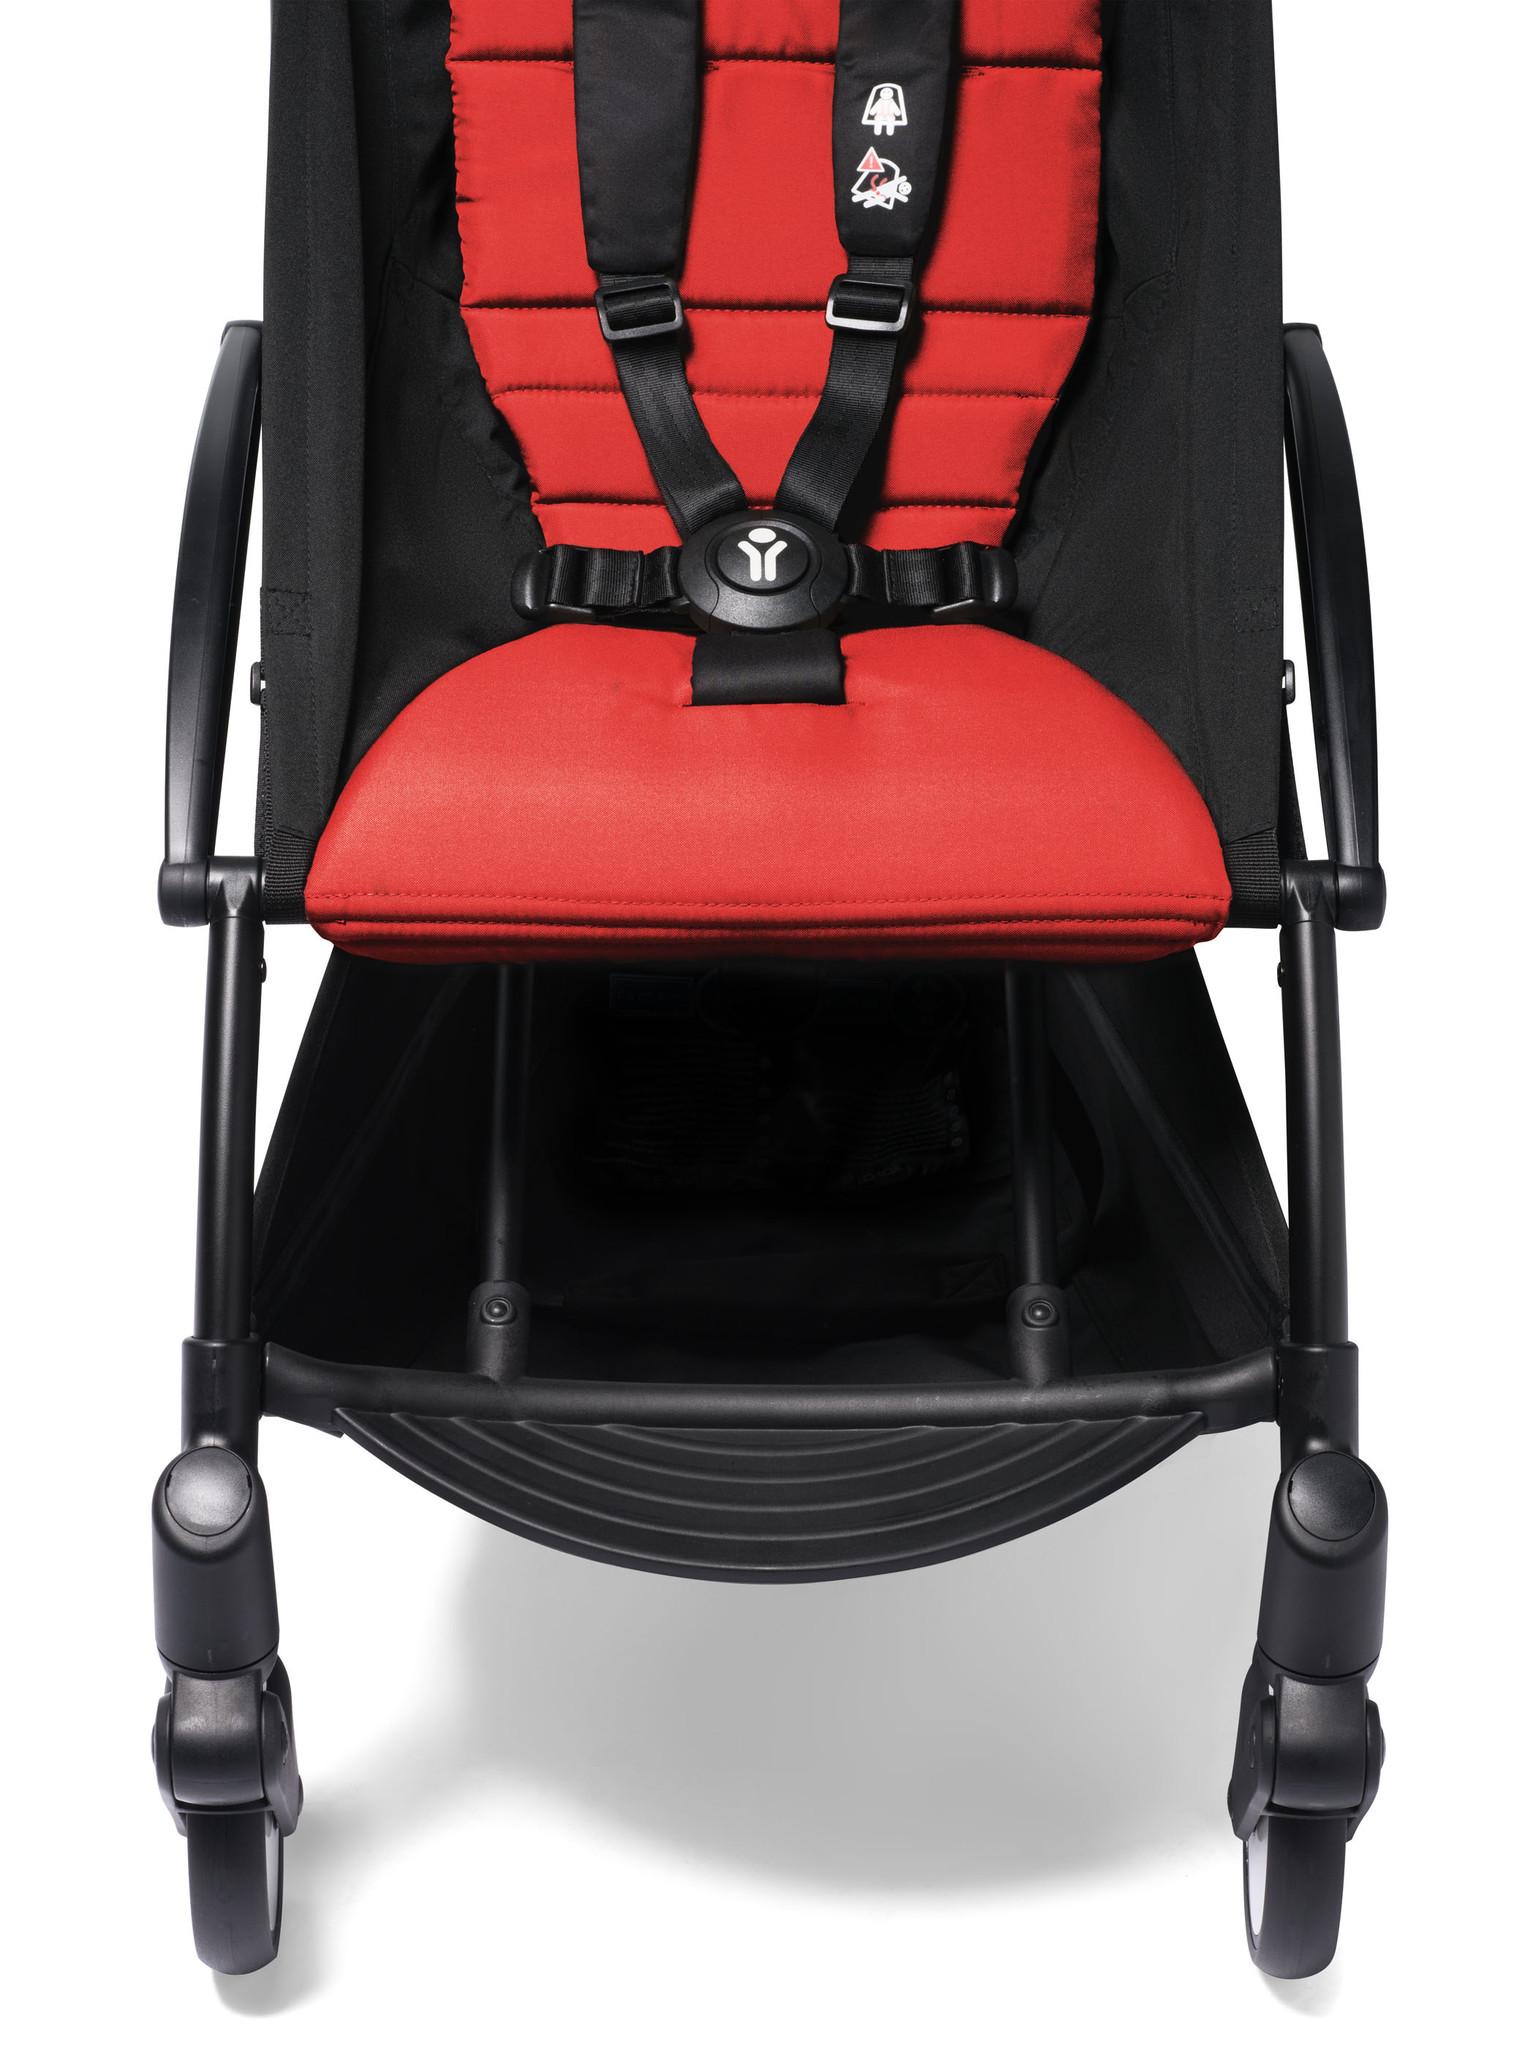 Babyzen Babyzen YOYO² Buggy KOMPLETT / VOLL SET 0+ und 6+ roter Rahmen weiß inkl. YOYO² BeSafe Autositz schwarz